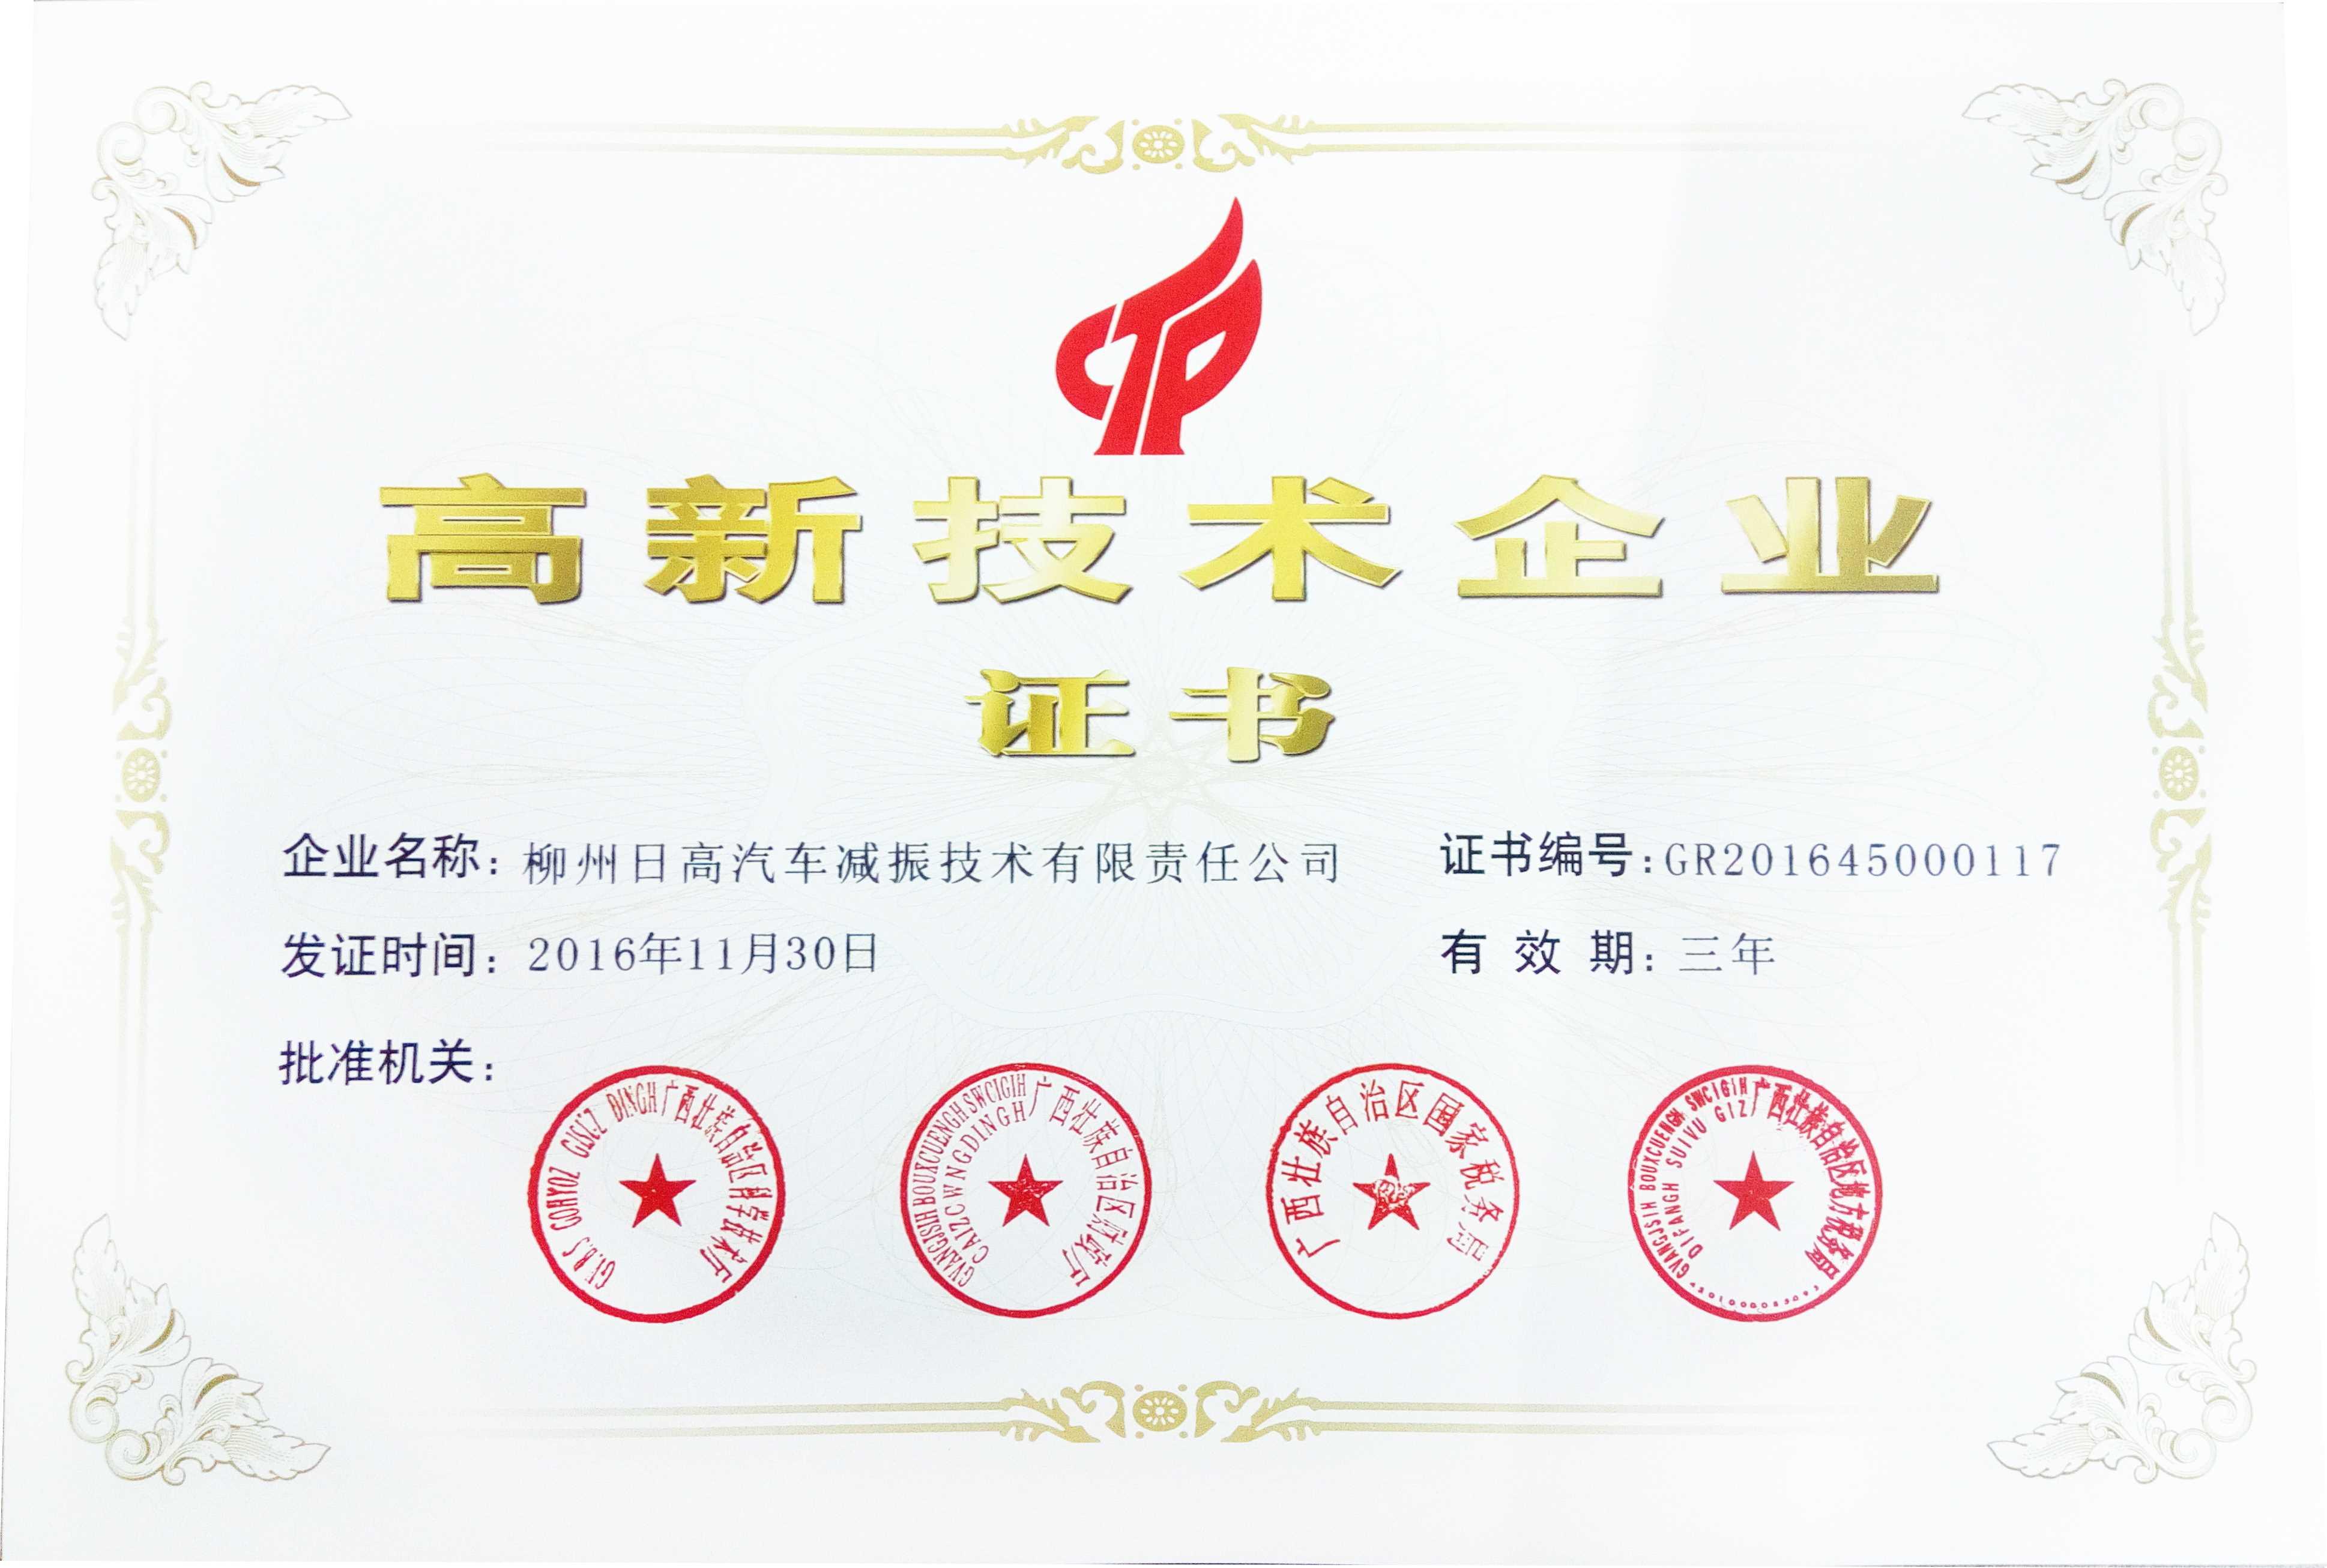 橡膠高新技術企業證書